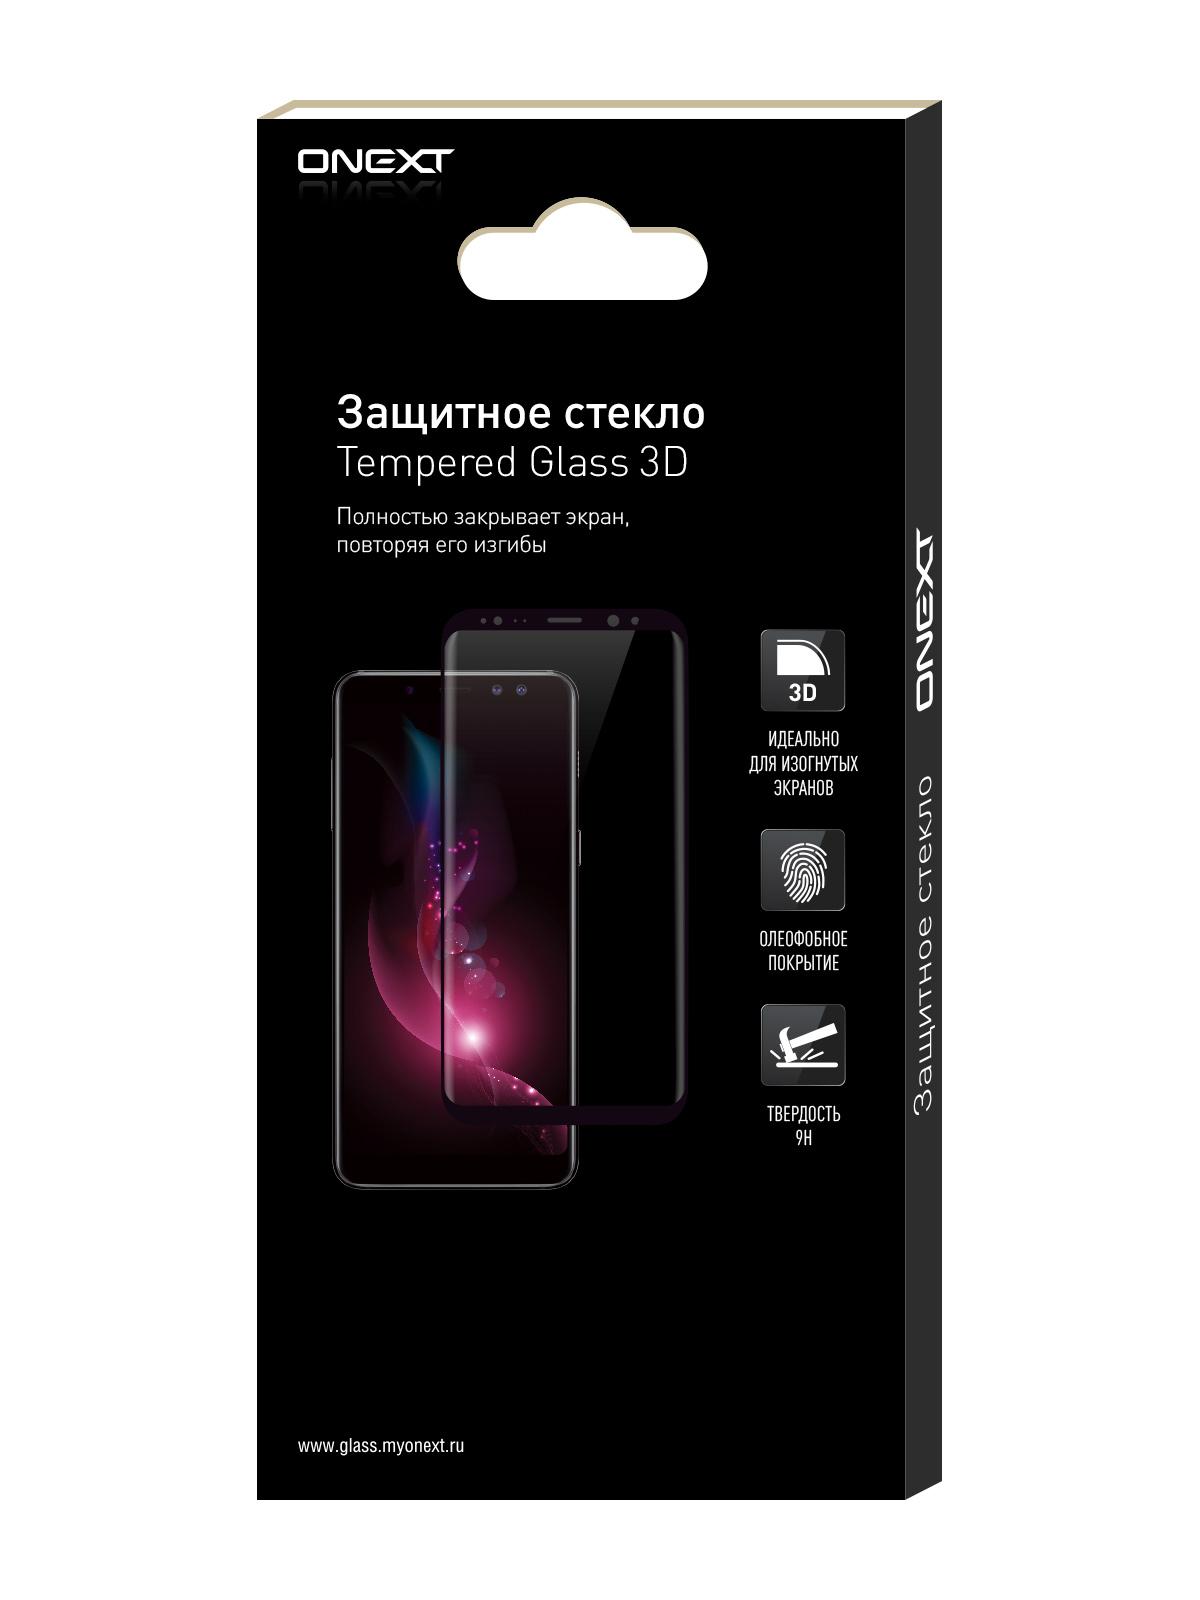 Защитное стекло ONEXT для Samsung Galaxy S6 Edge